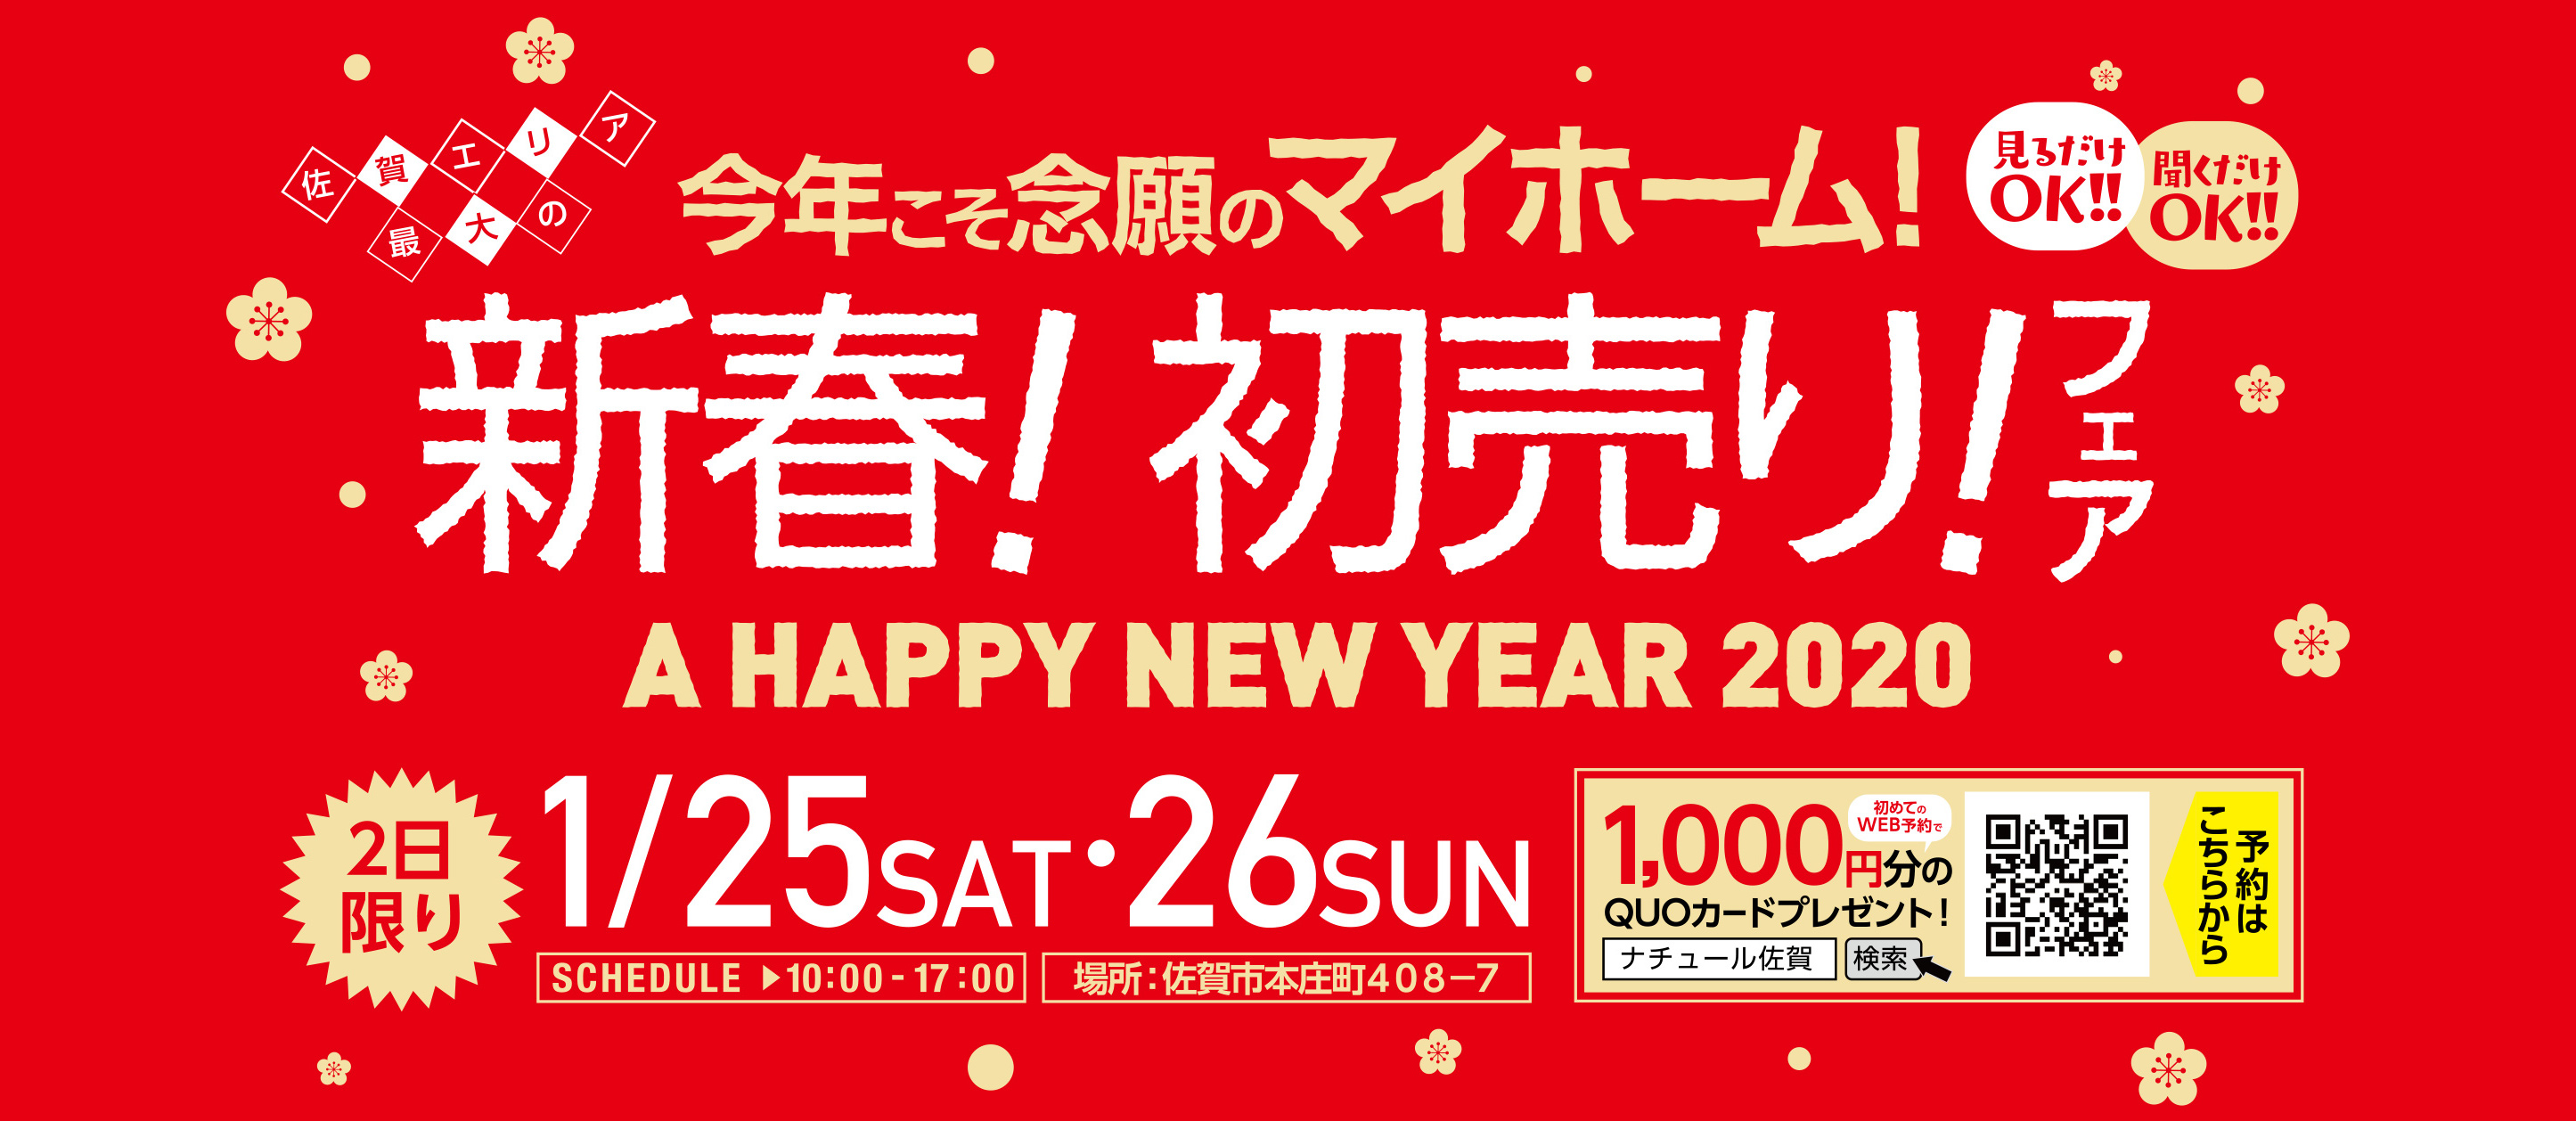 1/25(土)26(日) 新春!初売りフェア開催! ※2日間限り